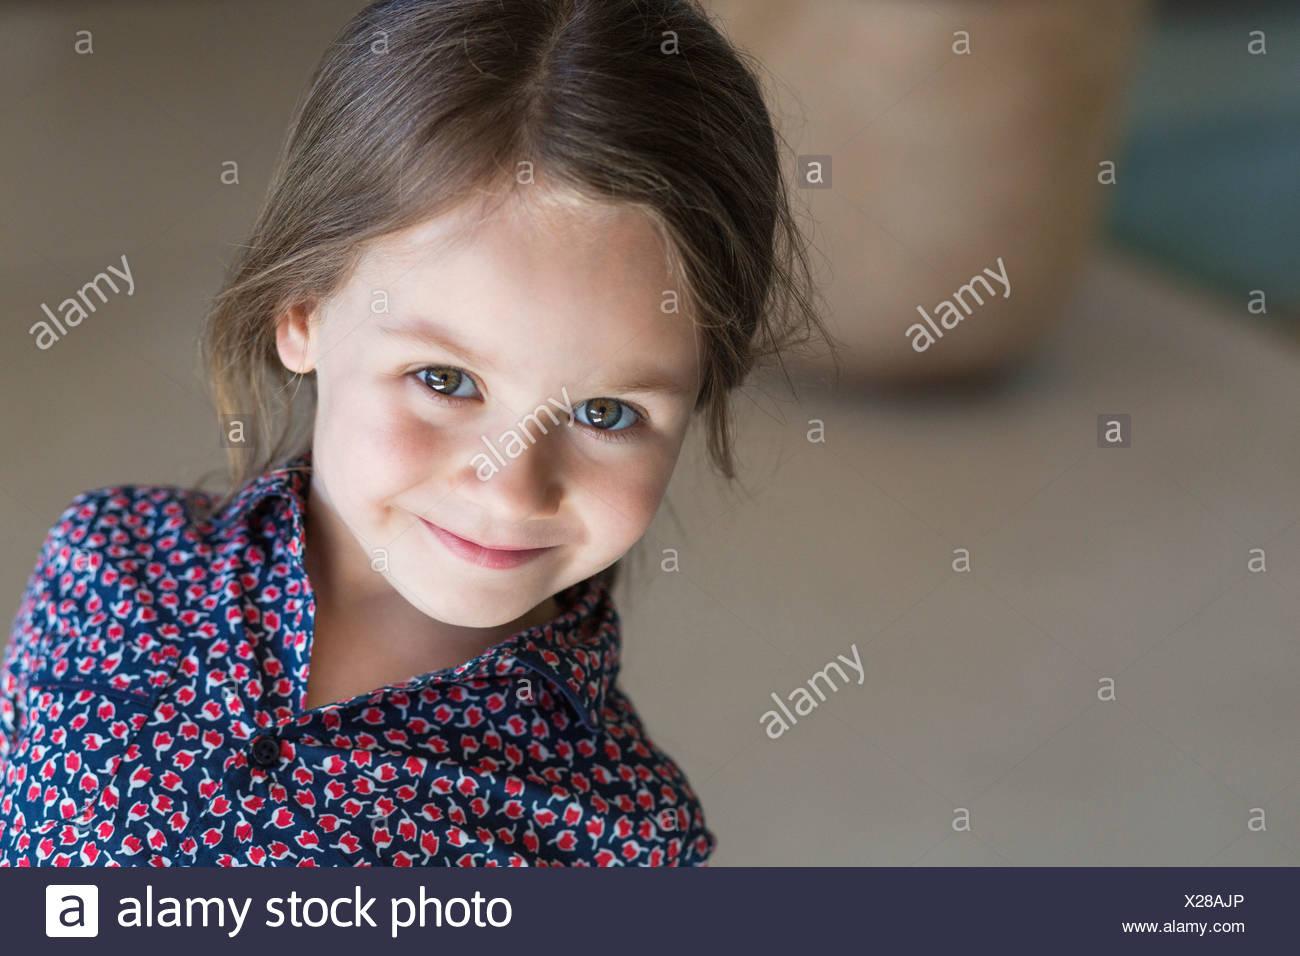 Retrato de una chica sonriente Imagen De Stock